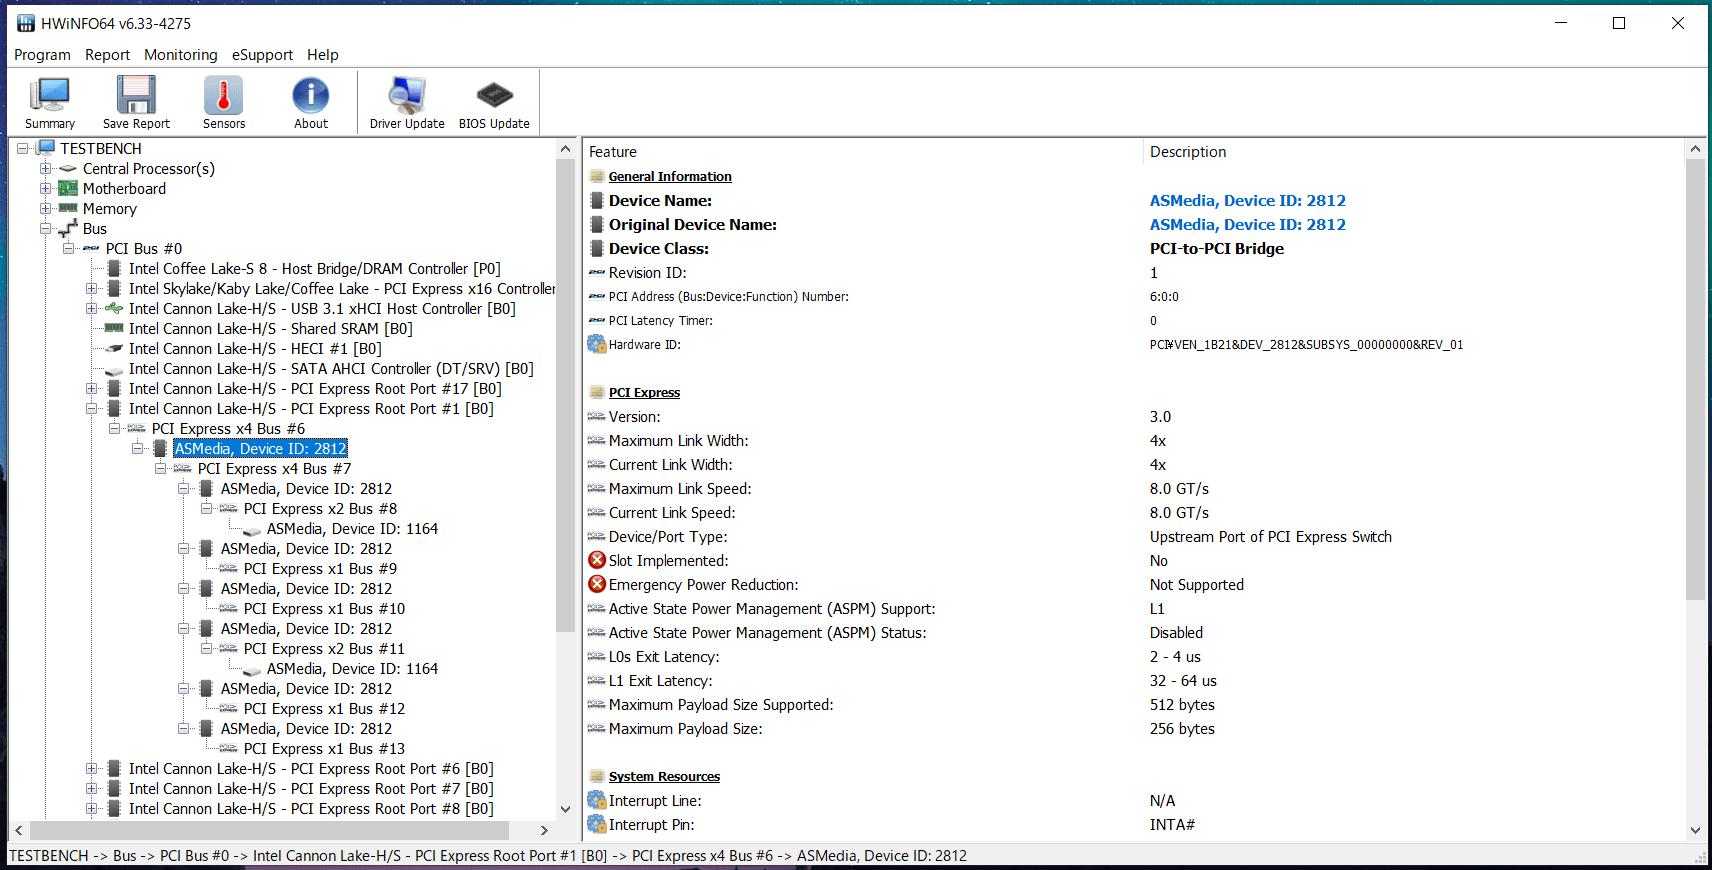 QXP-800eS-A1164